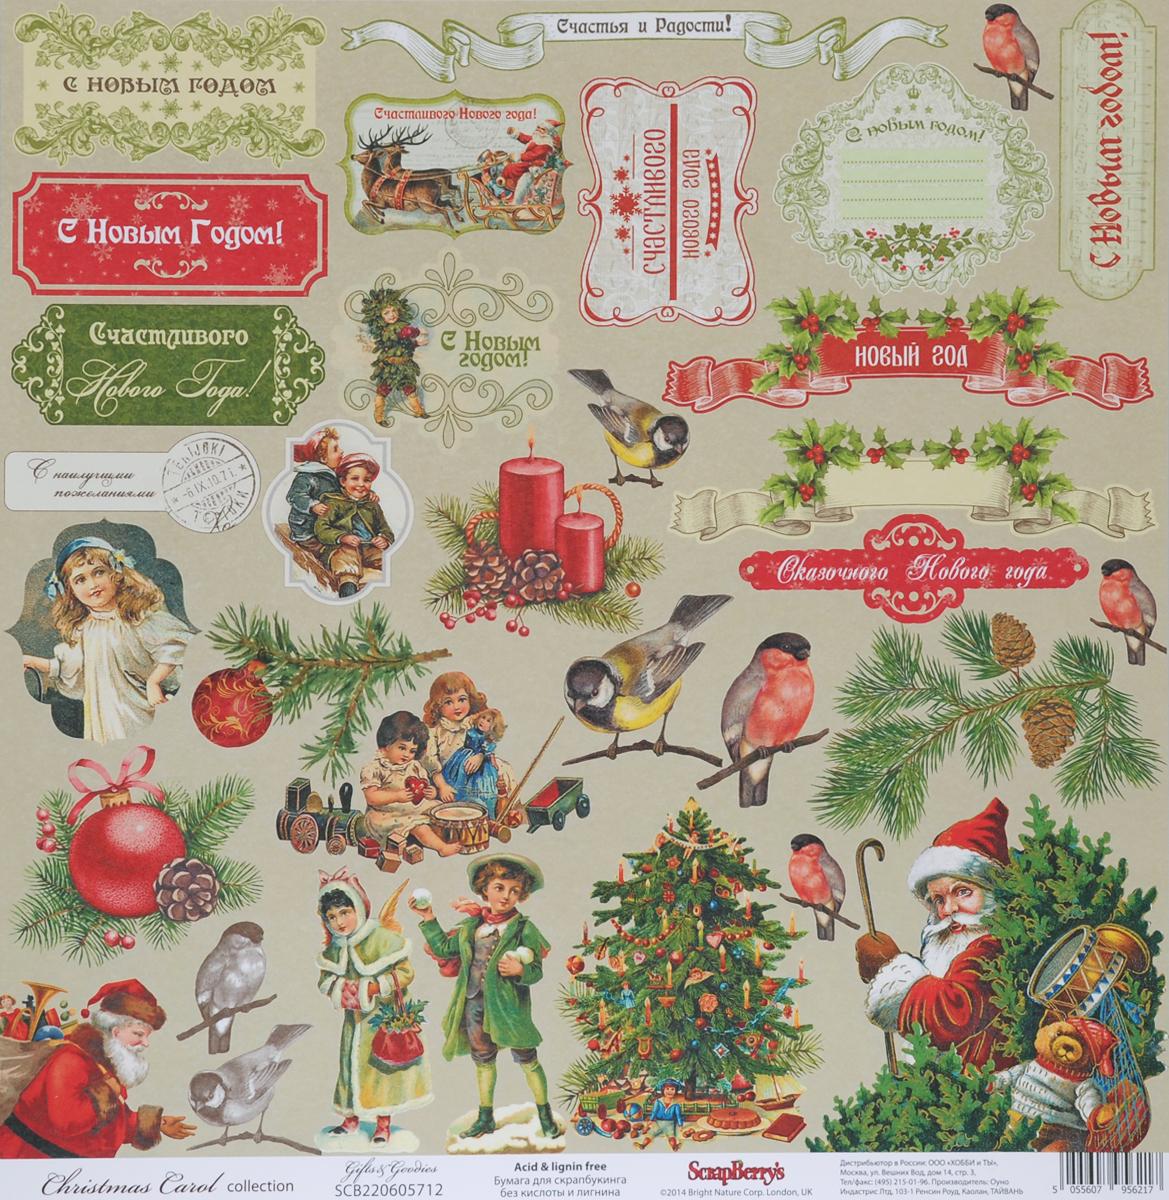 Бумага для скрапбукинга ScrapBerrys Ночь перед Рождеством. Рождественские подарки, 30,5 х 31,5 смSCB220605712Бумага для скрапбукинга ScrapBerrys Ночь перед Рождеством. Рождественские подарки - это плотный лист с изображением на одной стороне. Скрапбукинг - вид рукодельного искусства, заключающегося в изготовлении и оформлении семейных или личных фотоальбомов. Этот вид творчества представляет собой способ хранения личной и семейной истории в виде фотографий, газетных вырезок, рисунков, записей и других памятных мелочей, используя своеобразный способ сохранения и передачи отдельных историй с помощью особых визуальных и тактильных приемов вместо обычного рассказа. Основная идея скрапбукинга - сохранить фотографии и другие памятные вещи о каких-либо событиях на длительный срок для будущих поколений. Плотность бумаги: 180 г/кв.м. Комплектность: 1 лист.